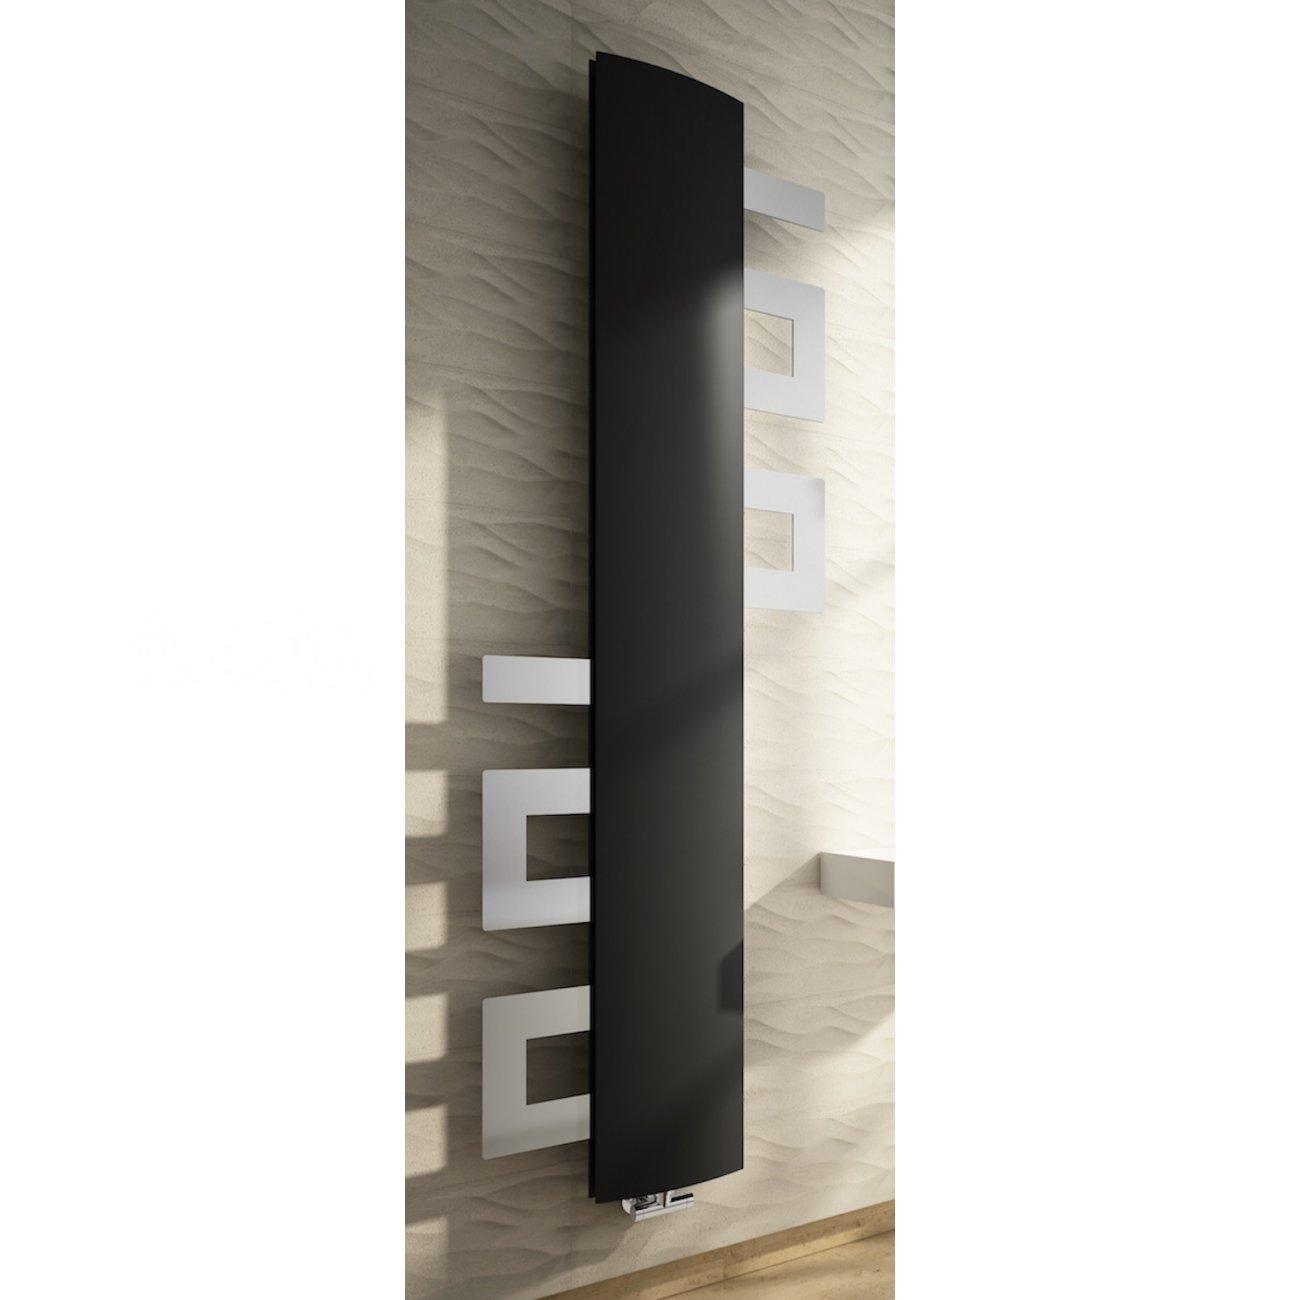 ad hoc ciabo heizk rper mit ausziehbarem handtuchhalter. Black Bedroom Furniture Sets. Home Design Ideas